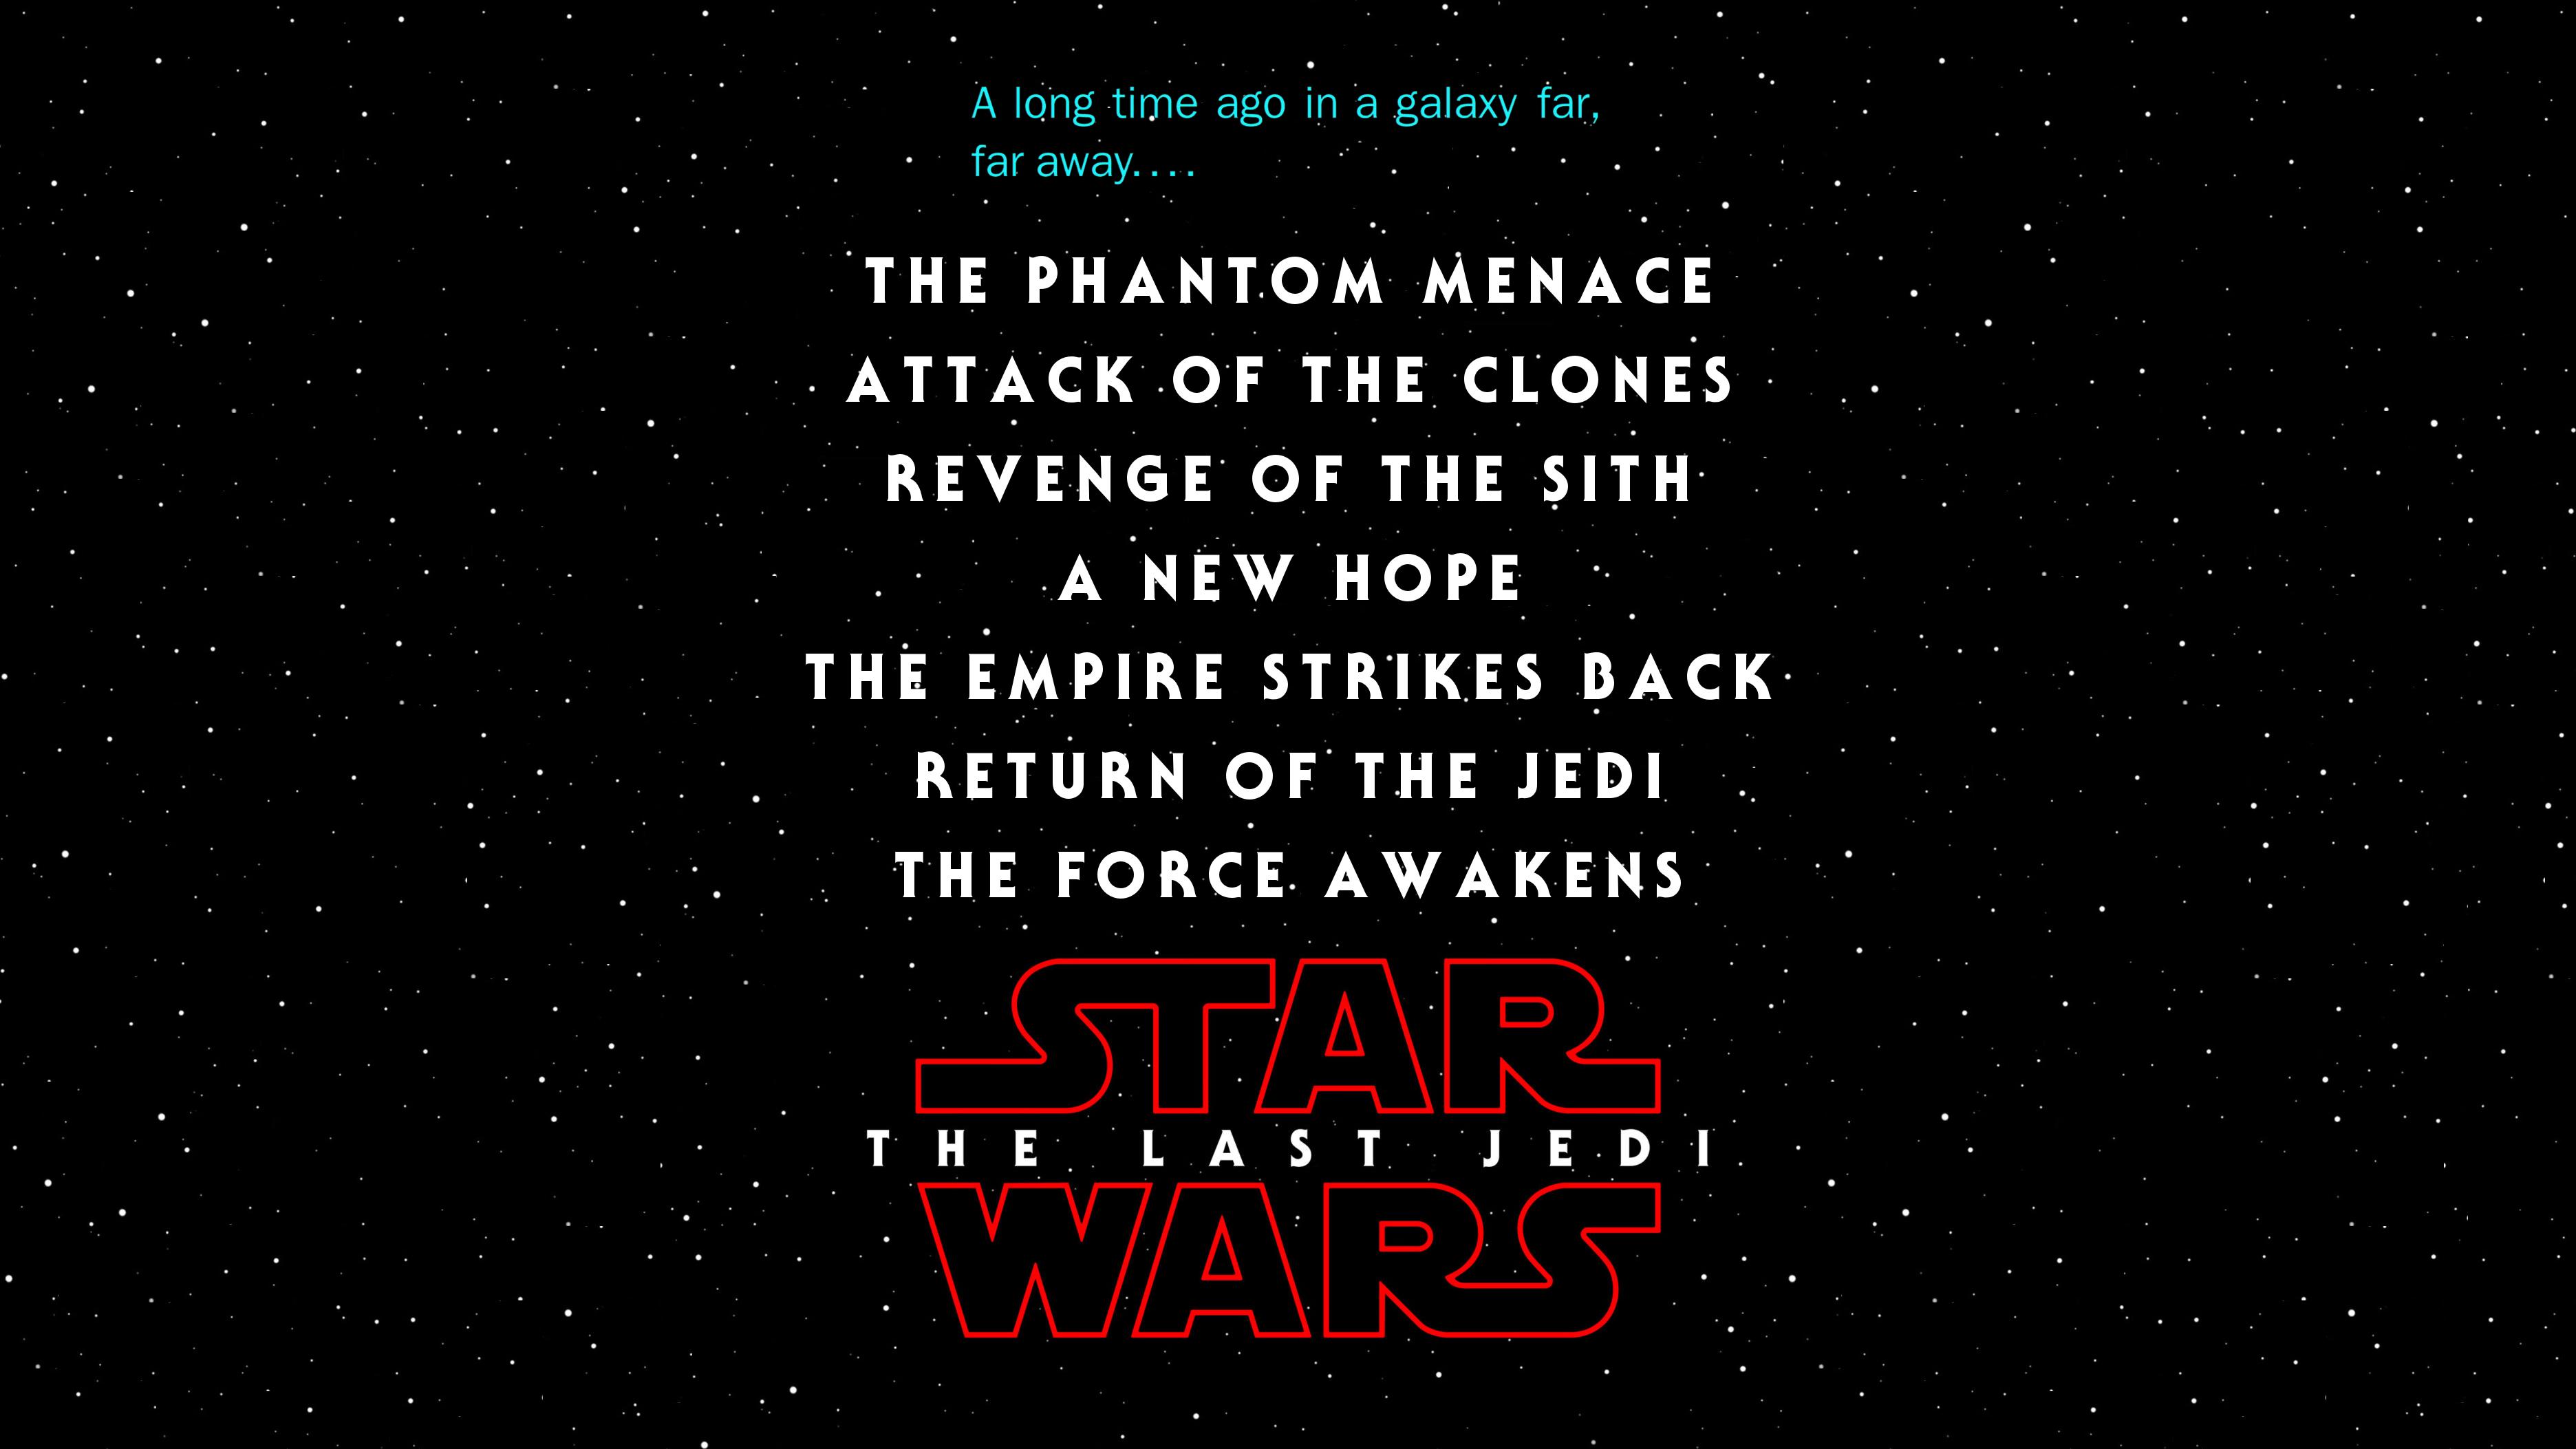 Star Wars Episode VIII The Last Jedi Wallpaper By Earthdownfall72